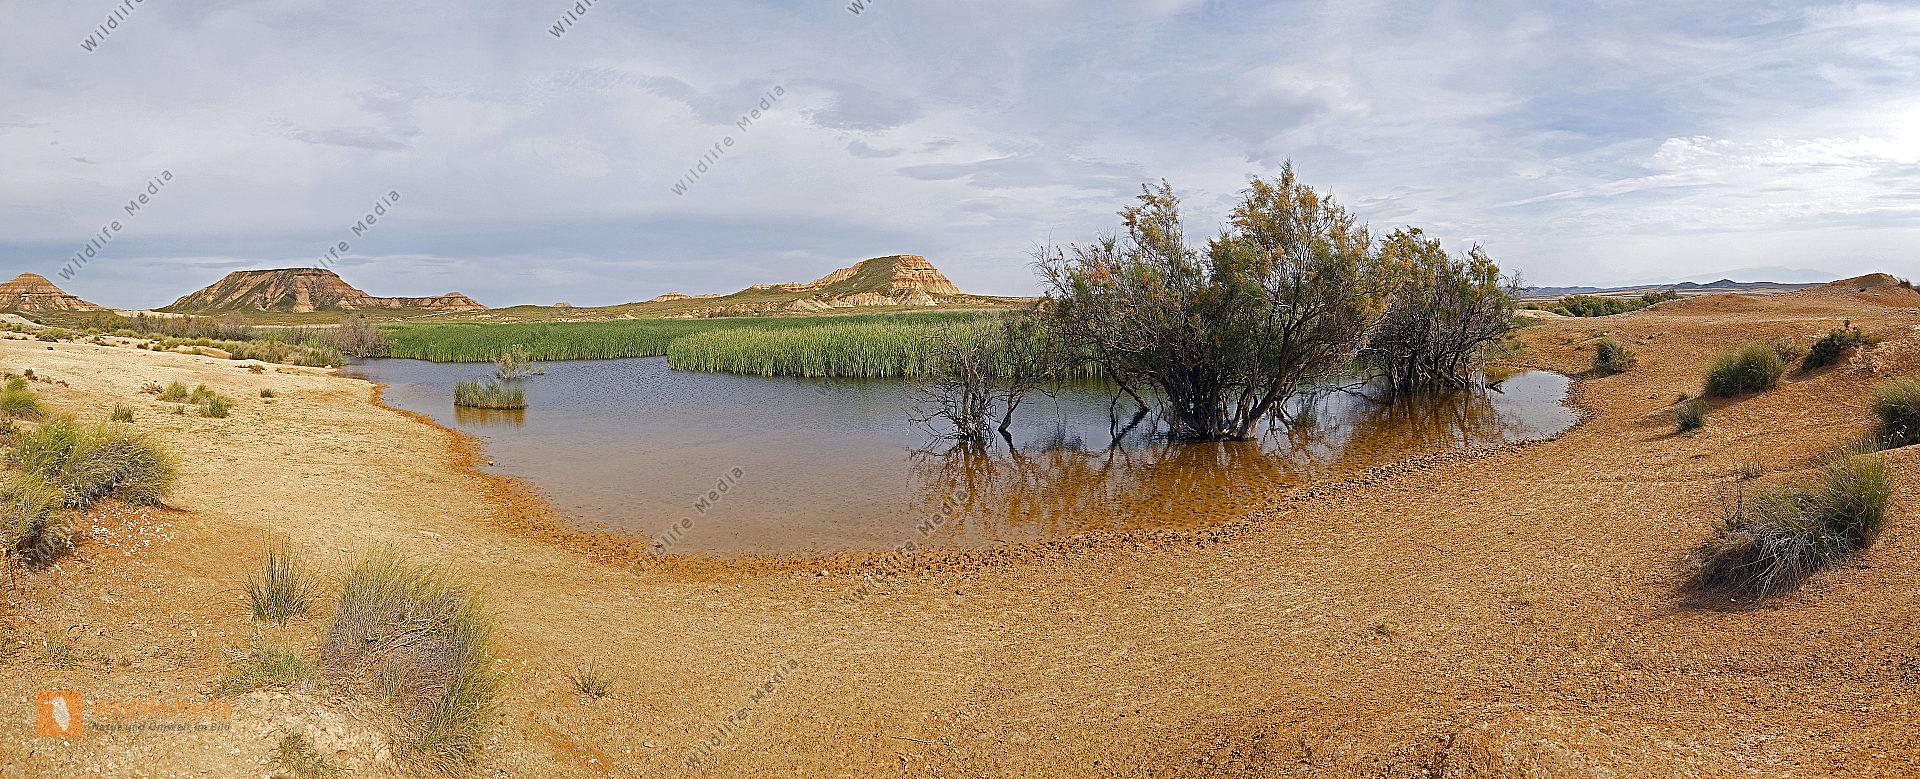 Halbwüste Oase Panorama